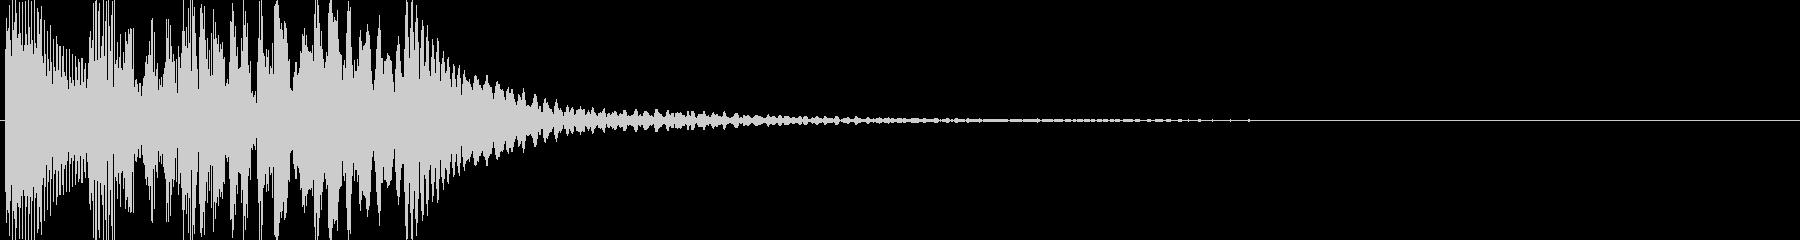 ゲーム(回復、アイテム入手、決定音)などの未再生の波形